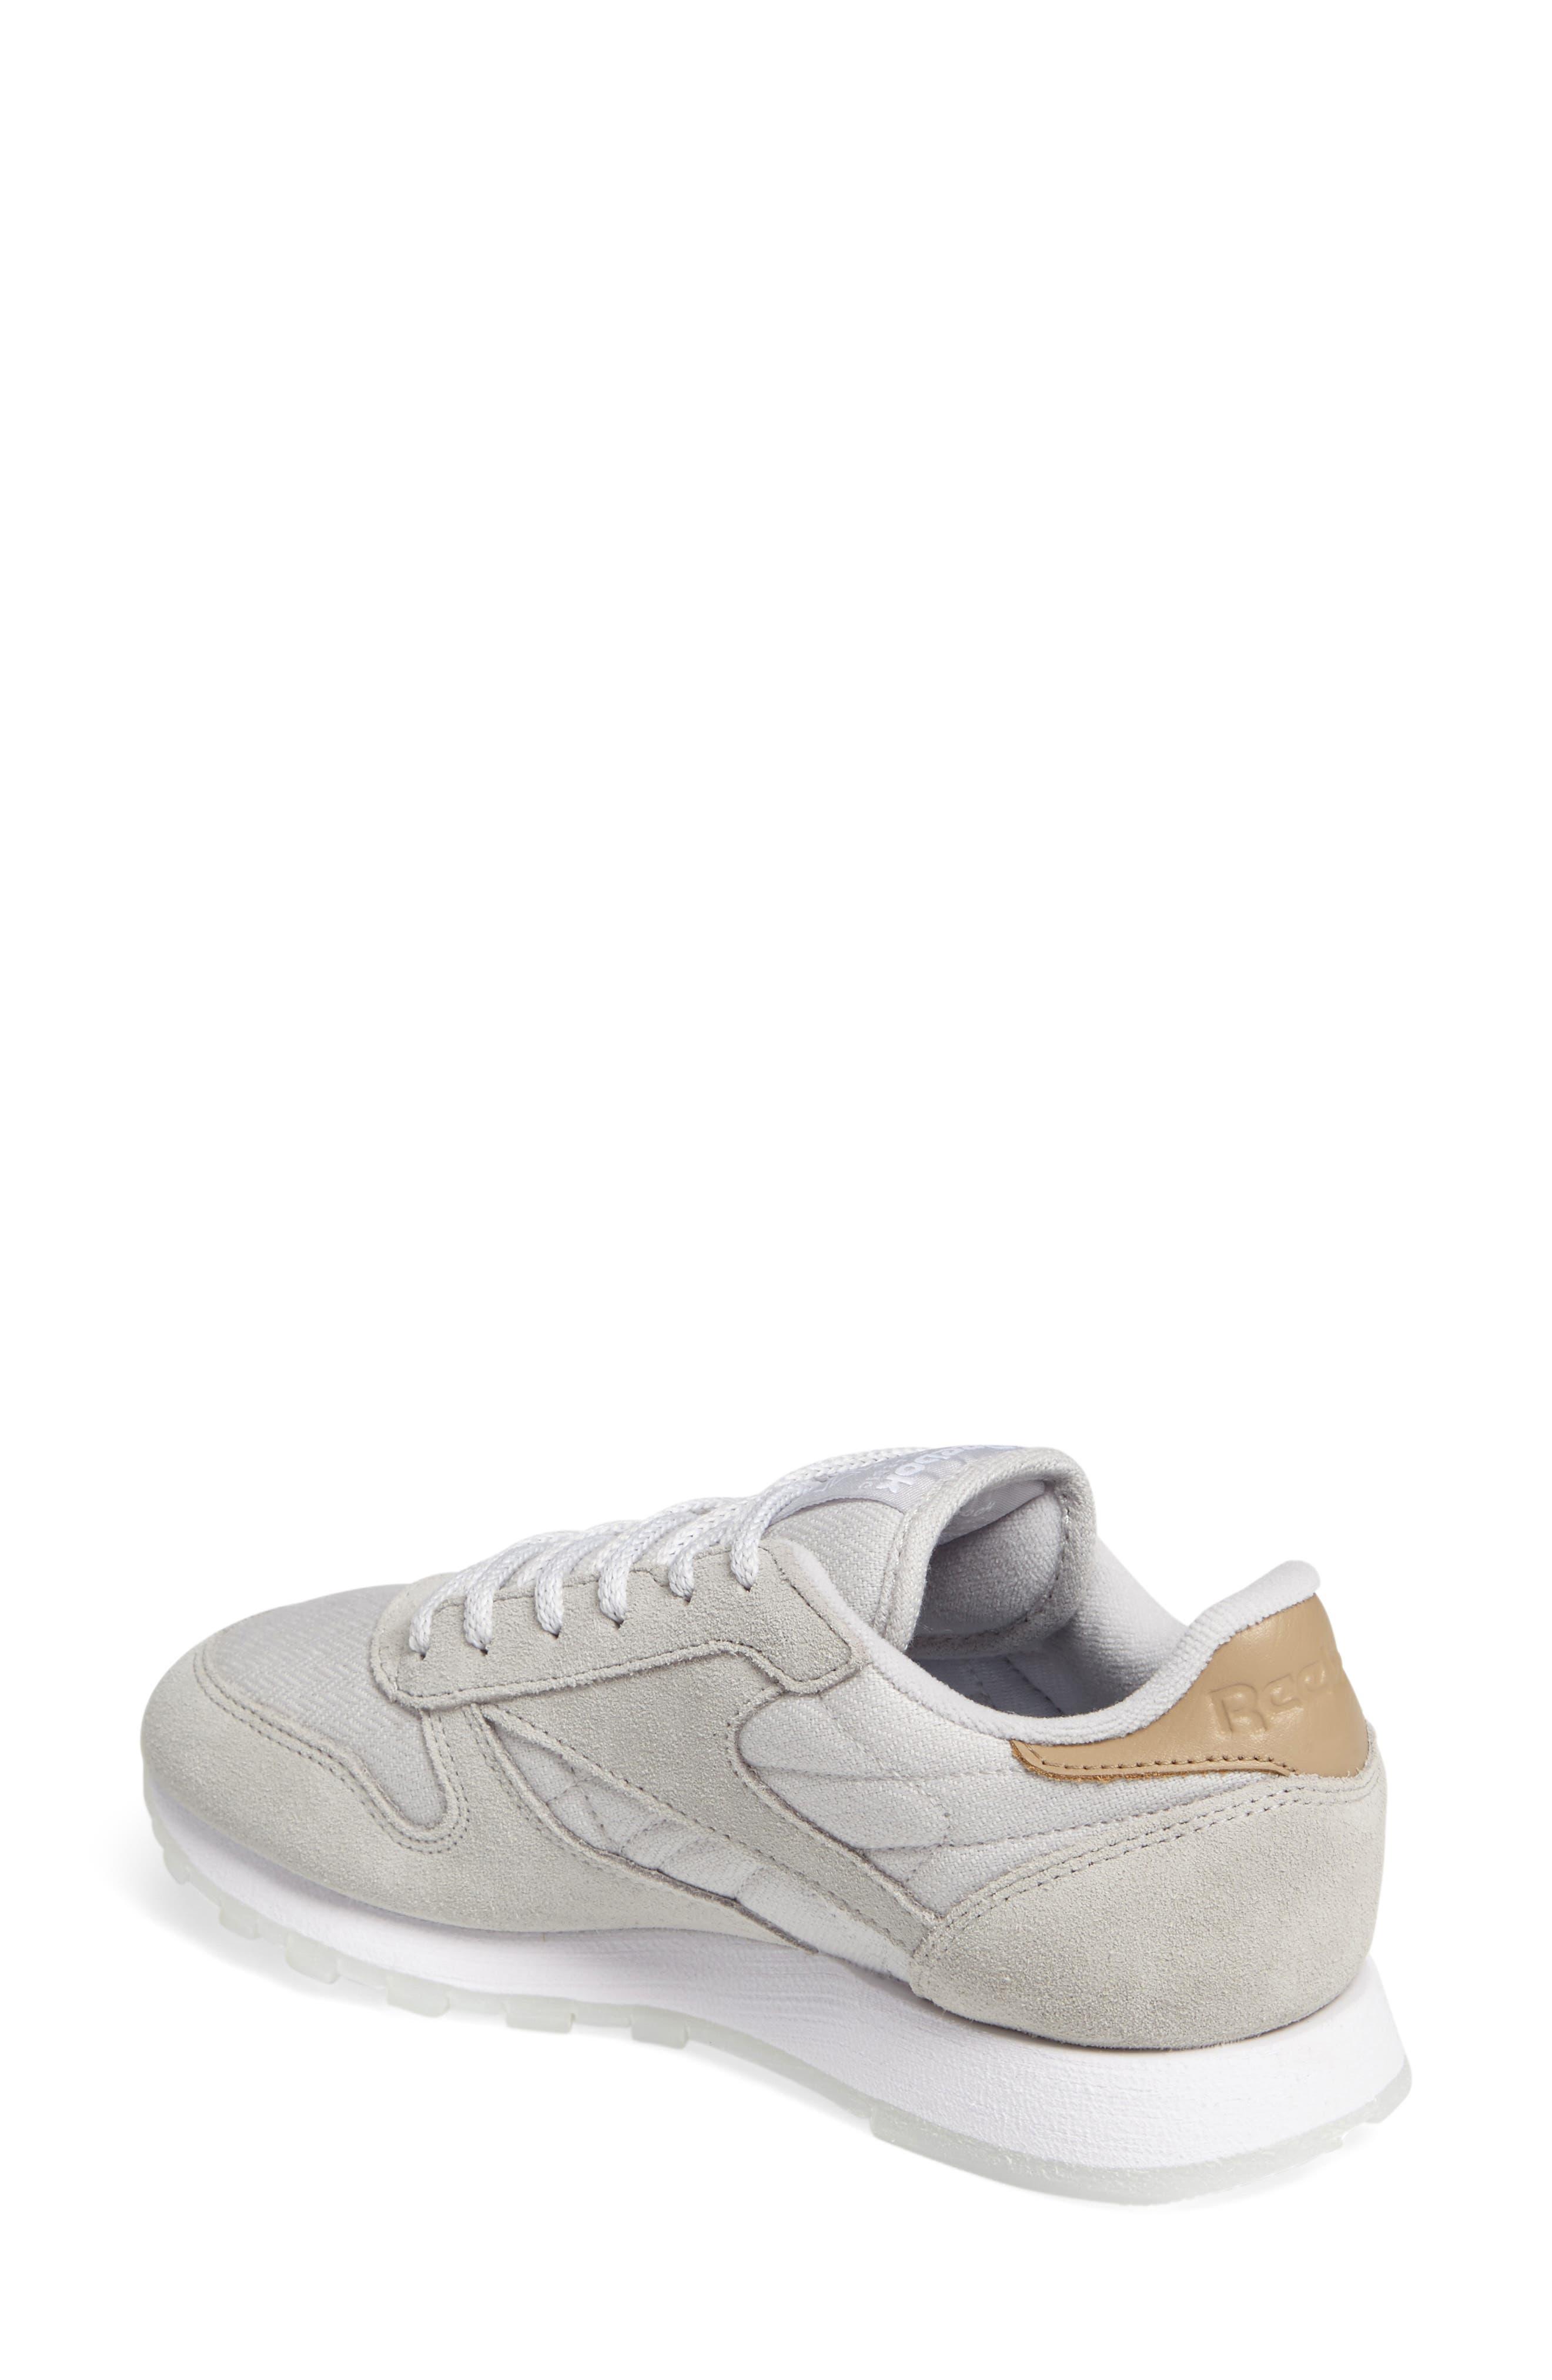 Alternate Image 2  - Reebok Classic Sea-Worn Sneaker (Women)